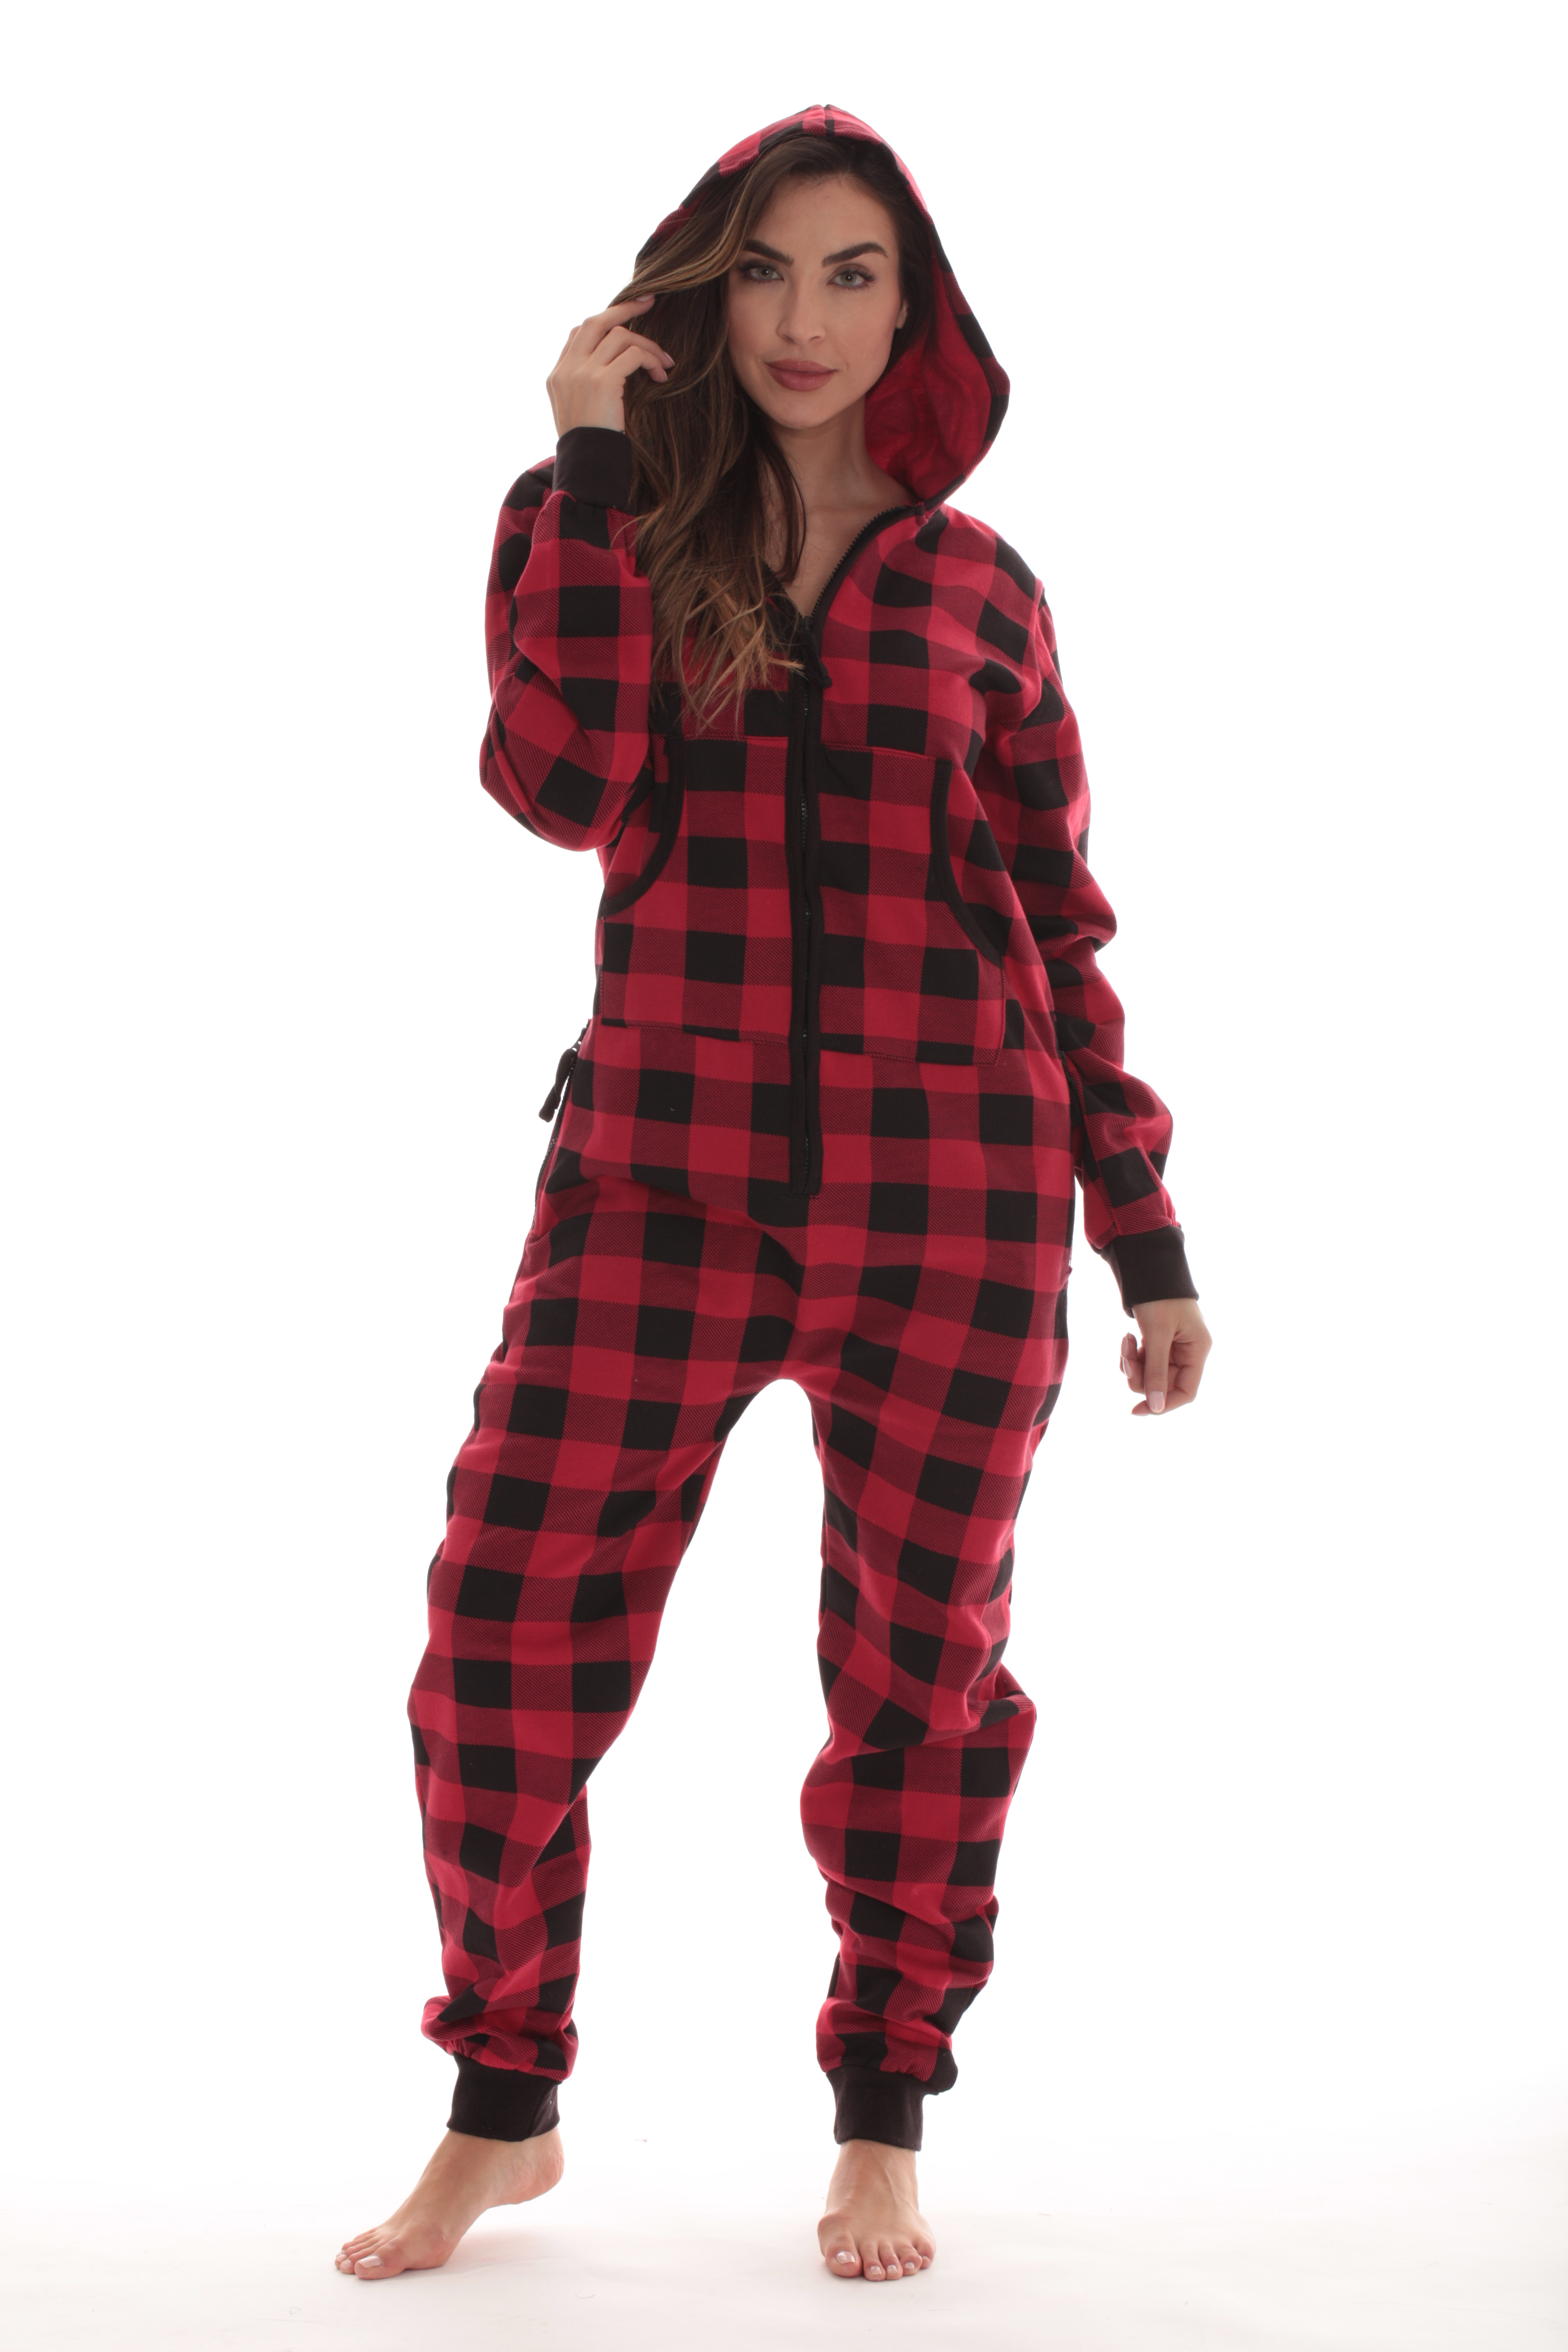 #FollowMe Buffalo Plaid Jumpsuit Adult Onesie Pajamas 6439 ...